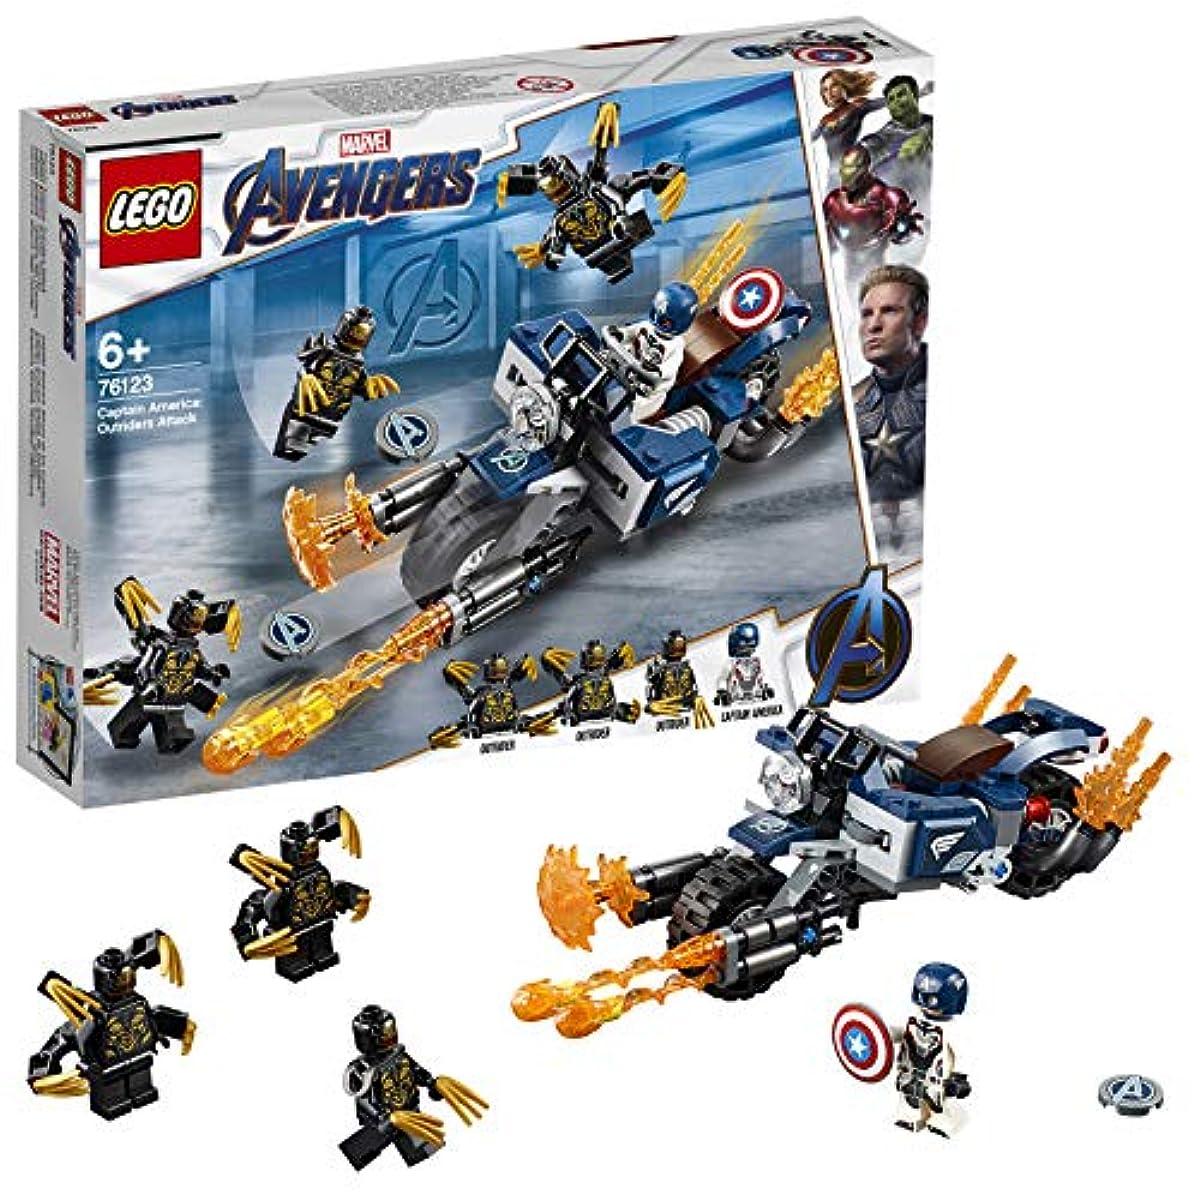 [해외] 레고(LEGO) 슈퍼히어로즈 캡틴 아메리카 아웃 라이더의 공격 76123